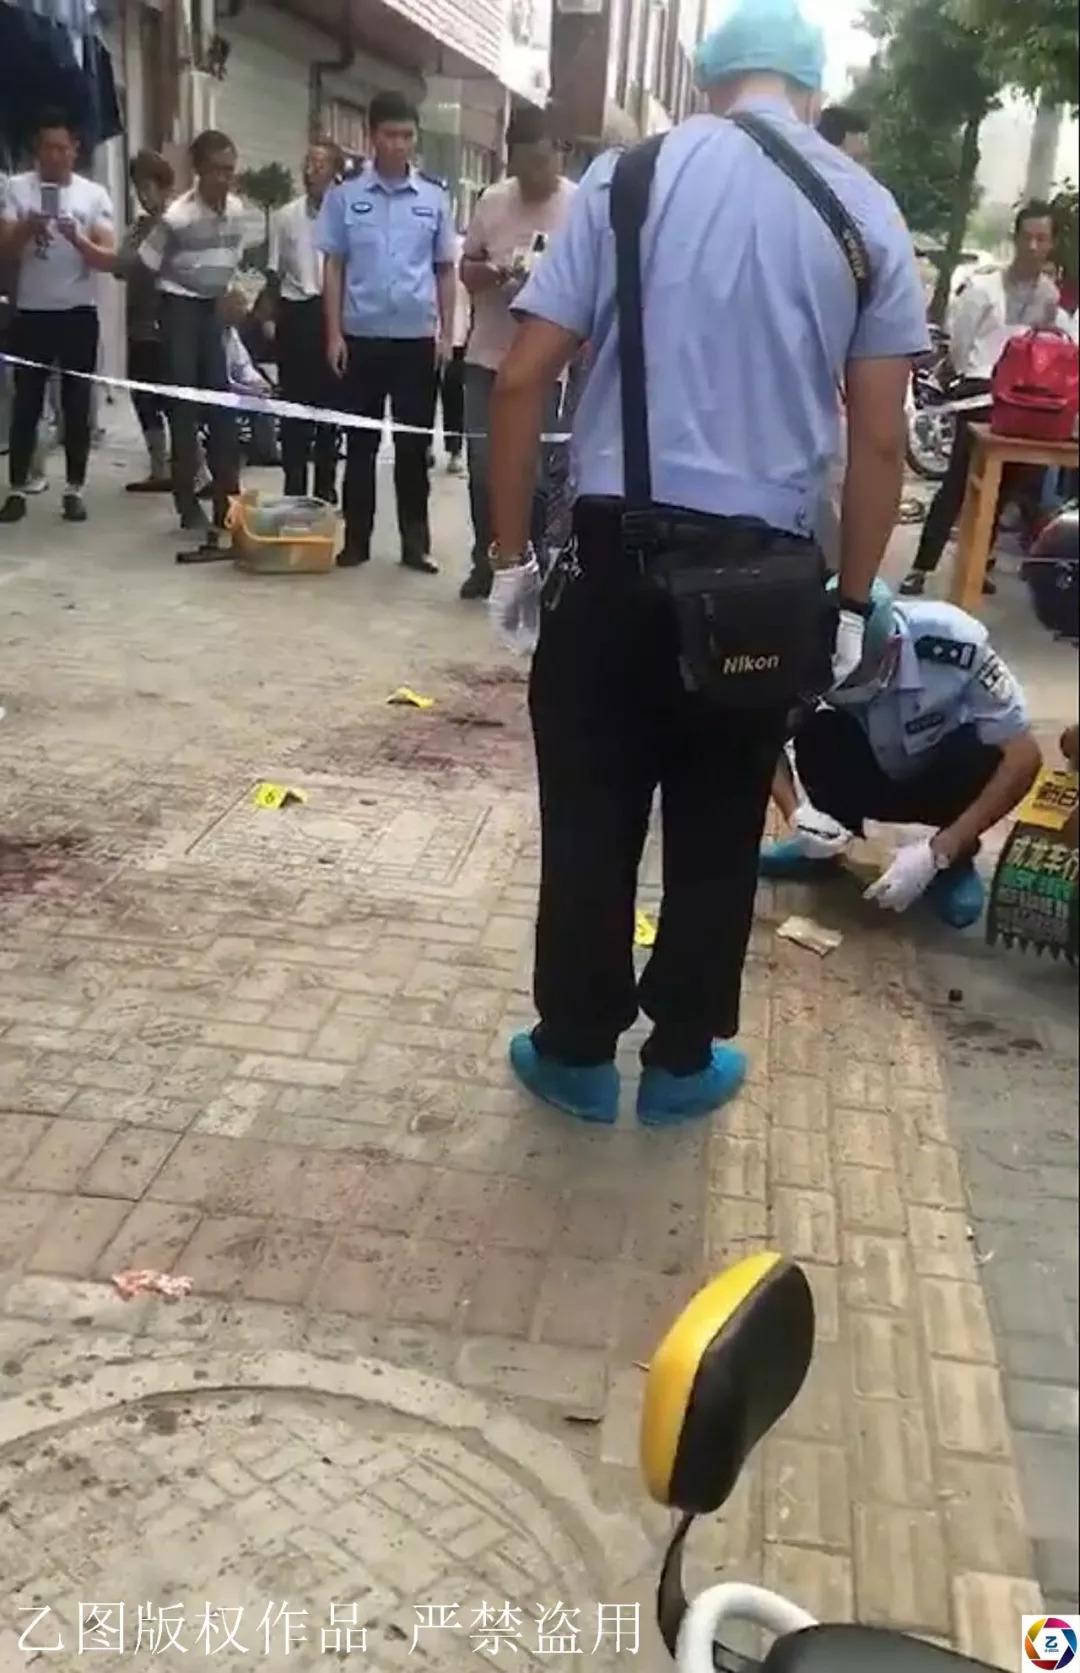 女子街头劝架被砍伤,缝了106针,事后称今后遇到这种事还会管